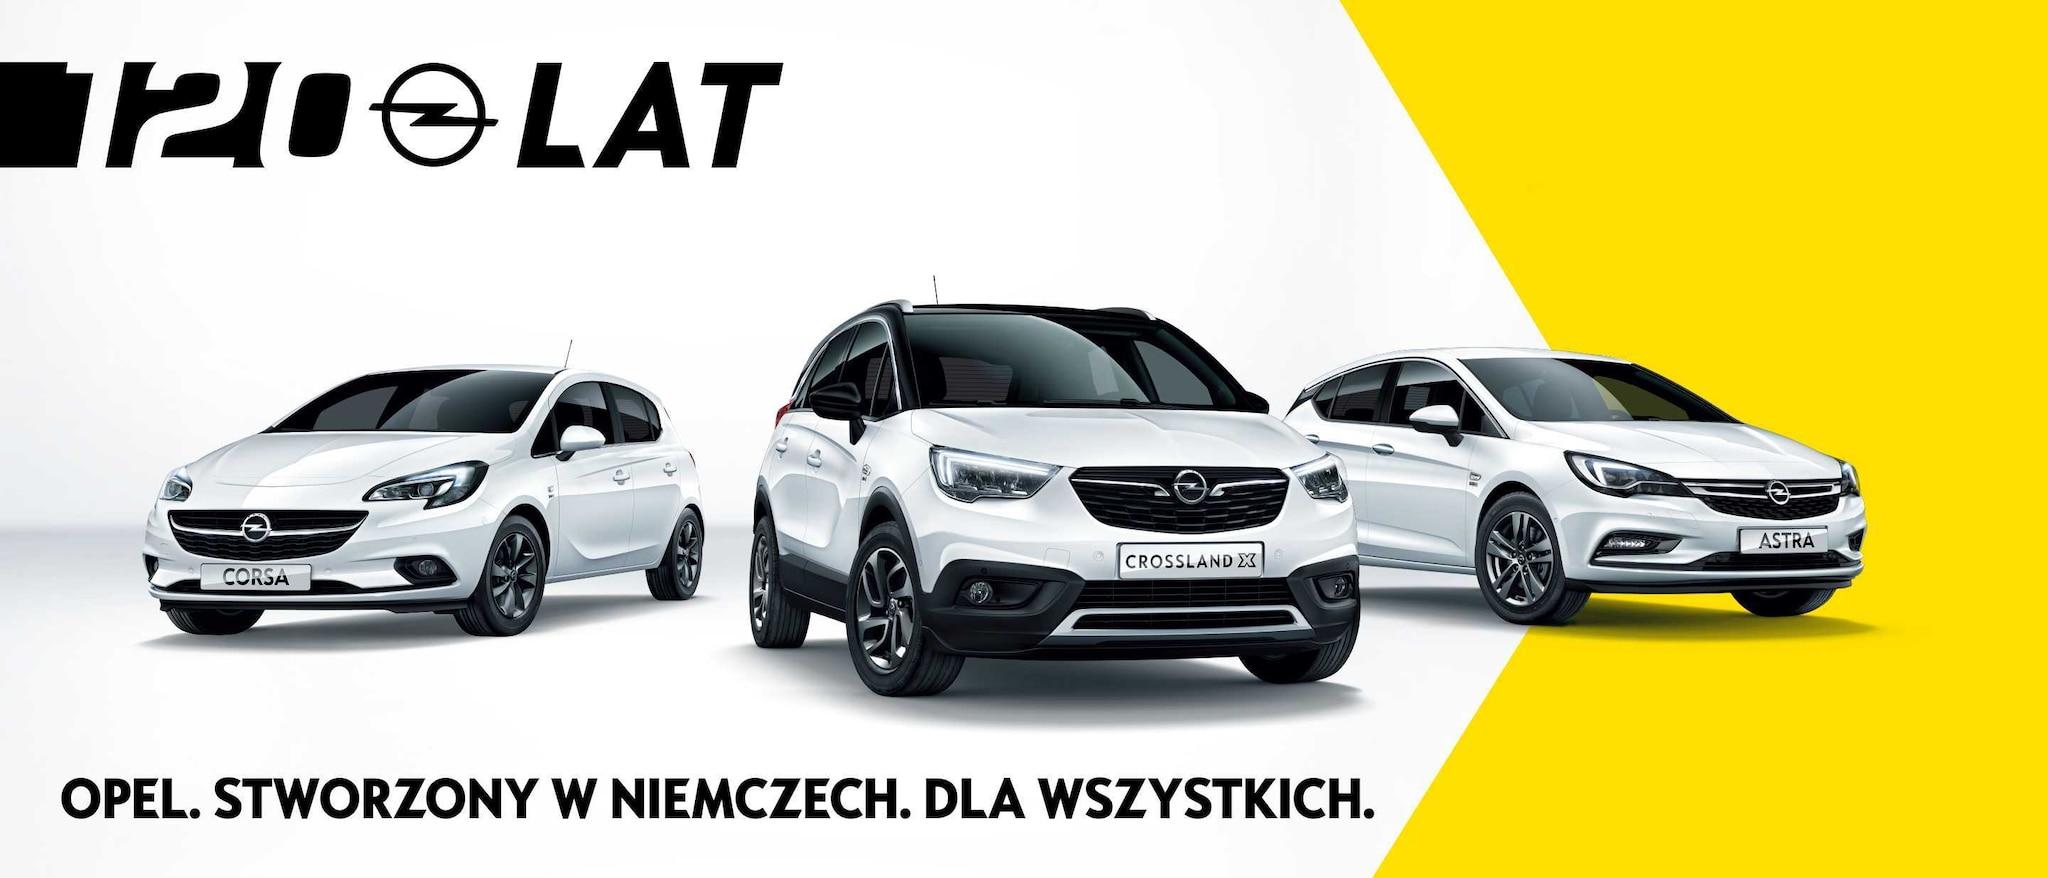 Modele z 2019 roku w atrakcyjnych cenach w salonach Opel 2